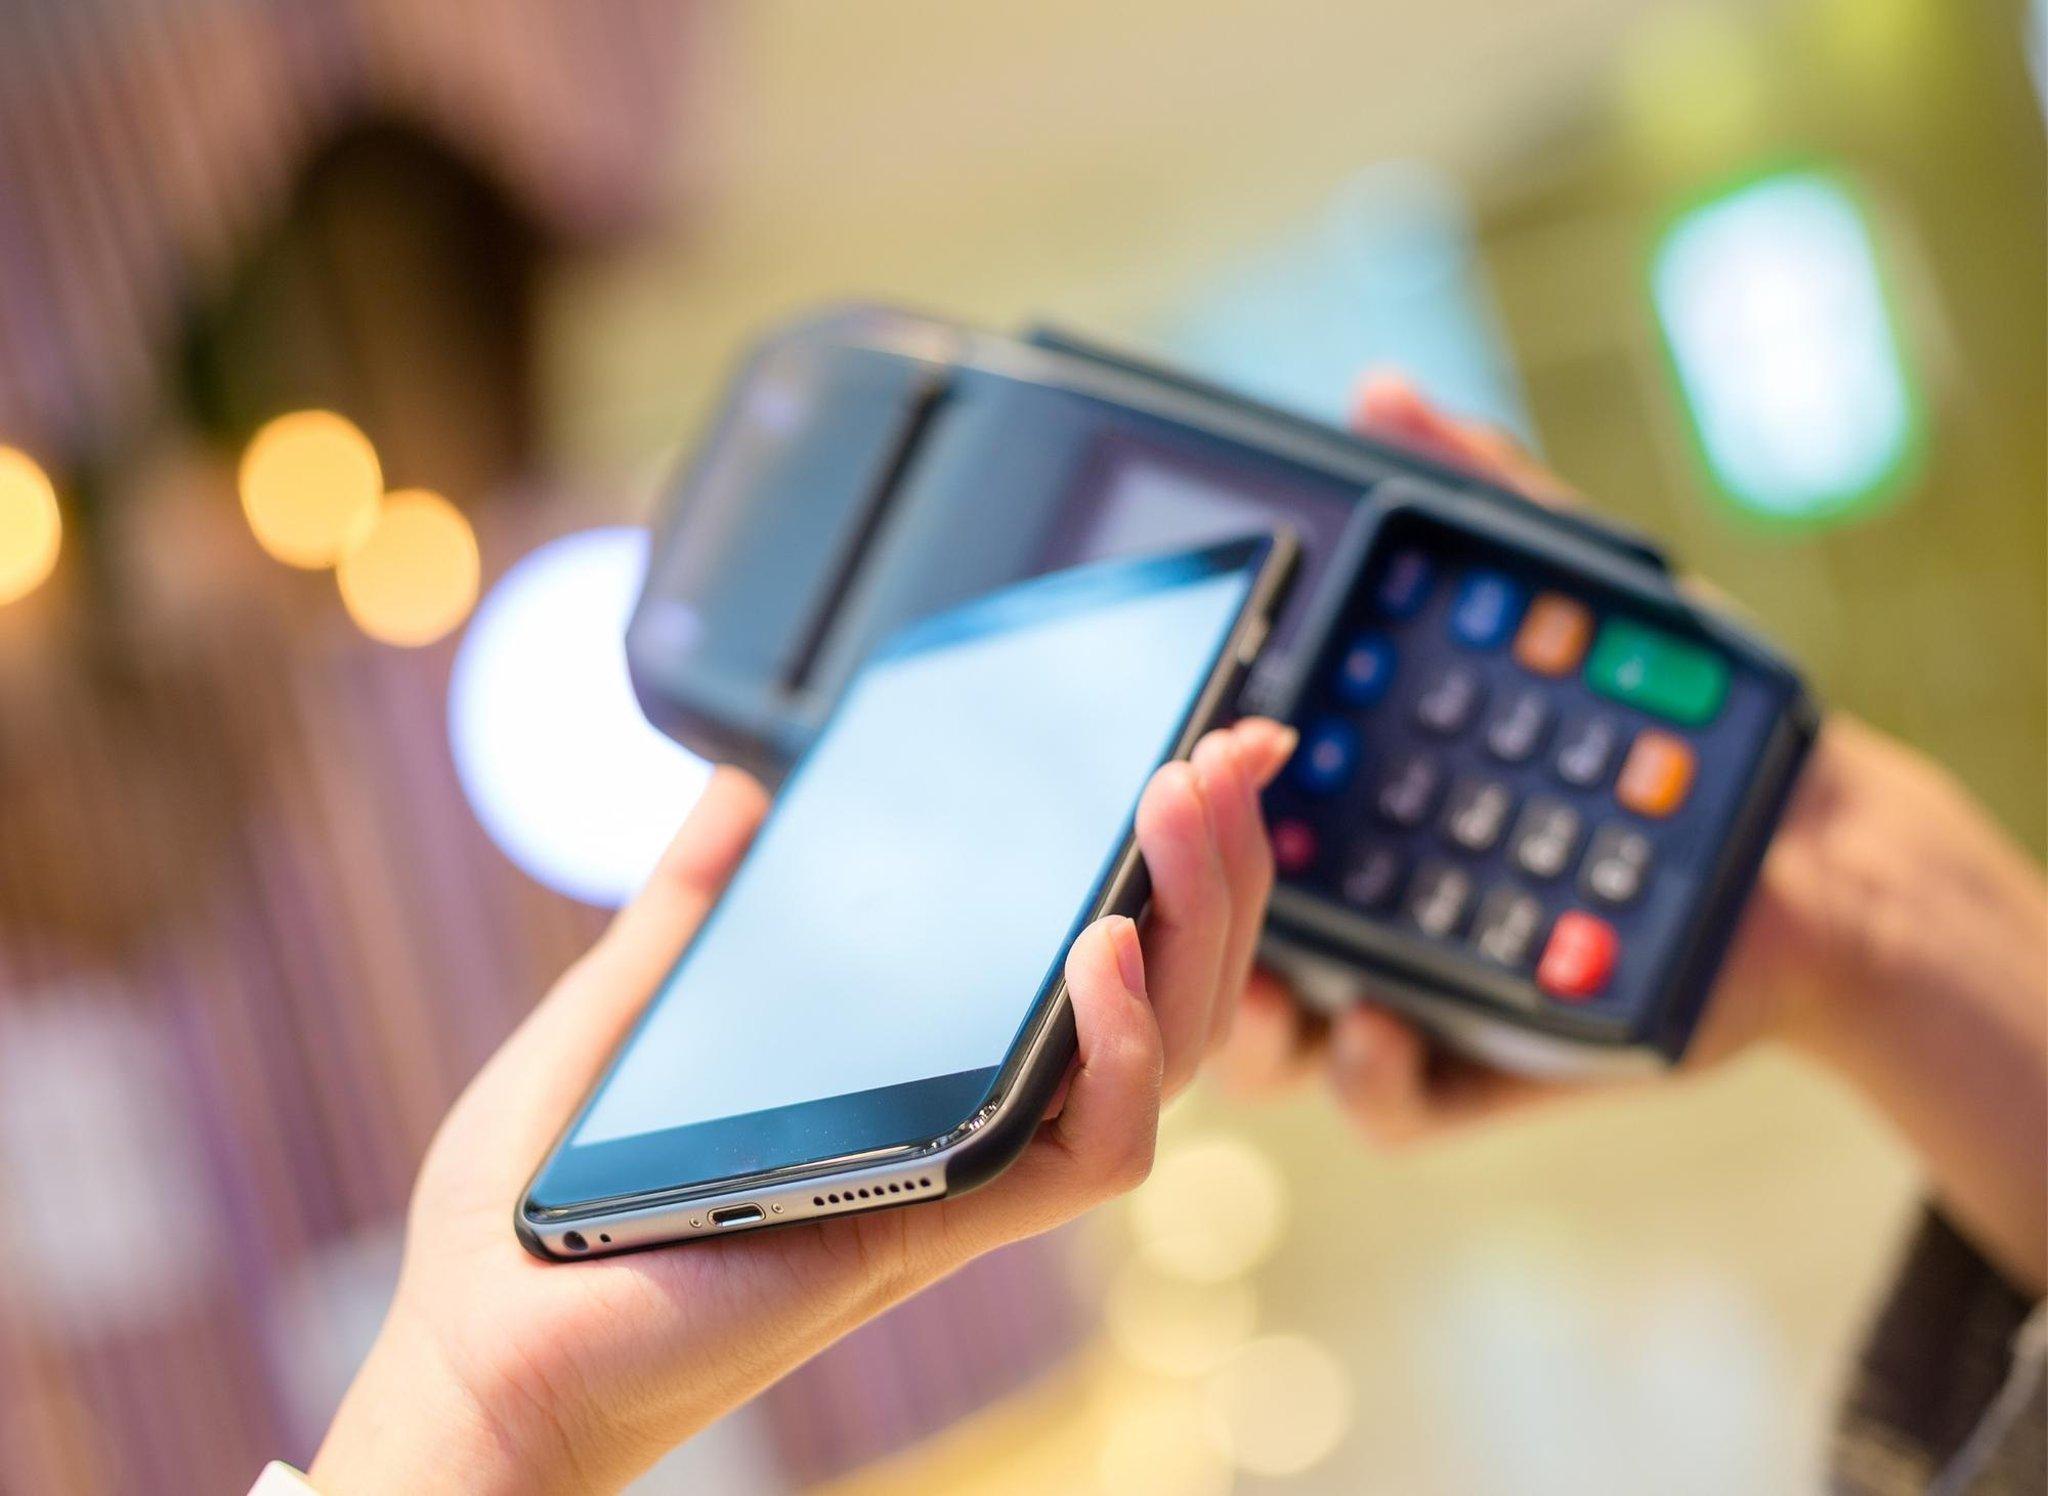 Apakah Apple Pay aman?  Inilah yang perlu Anda ketahui tentang kelemahan keamanan Apple Pay – dan siapa yang terpengaruh